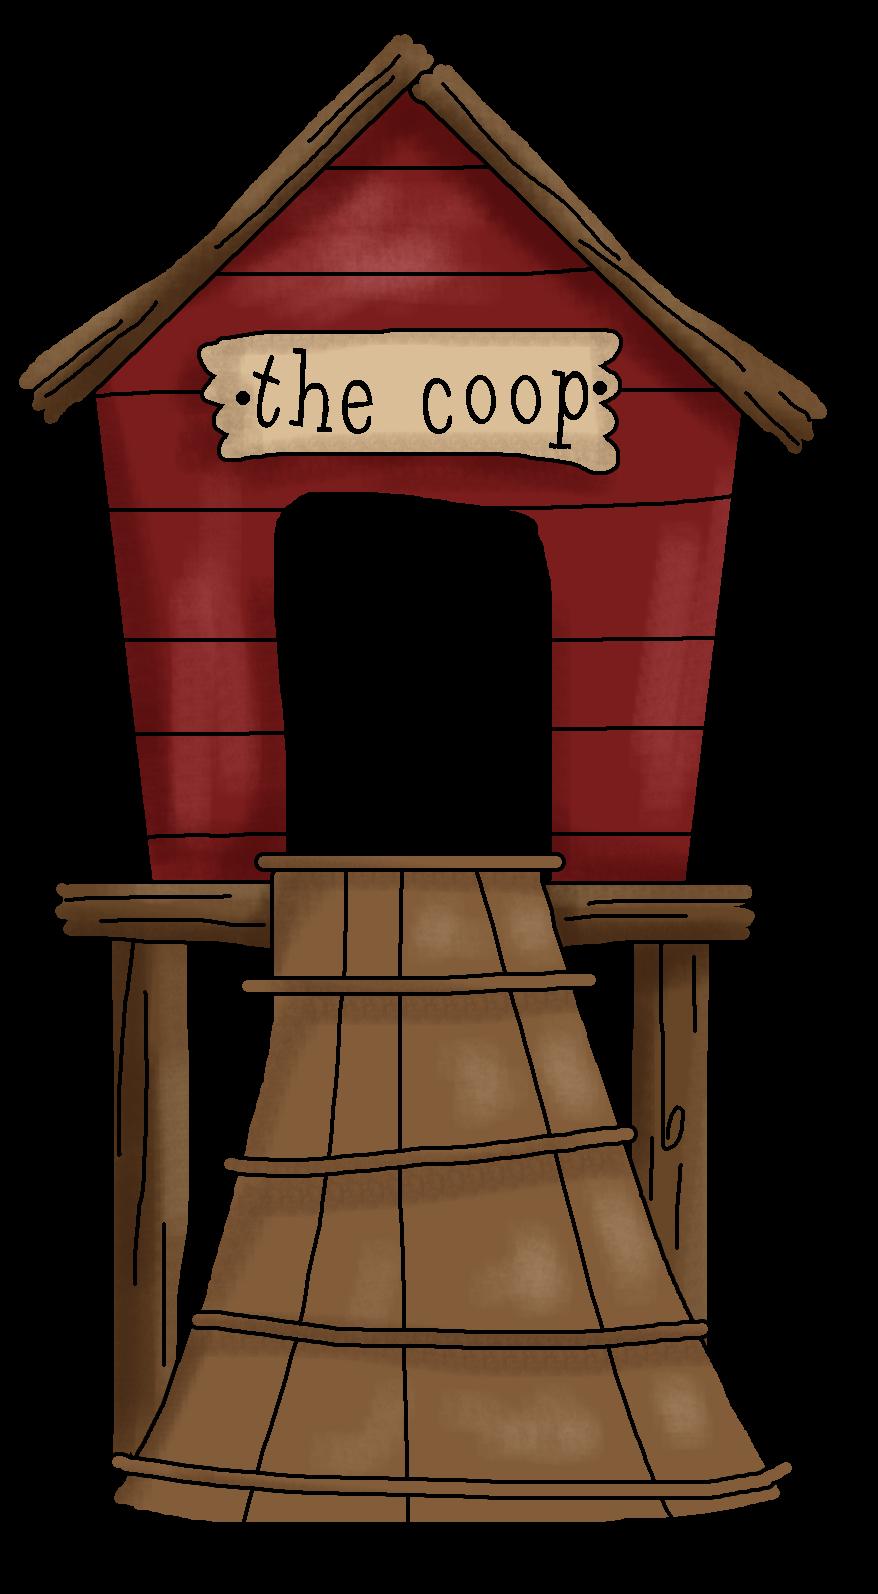 Chick clipart chicken house Photo#3 Chicken Coop coop Chicken